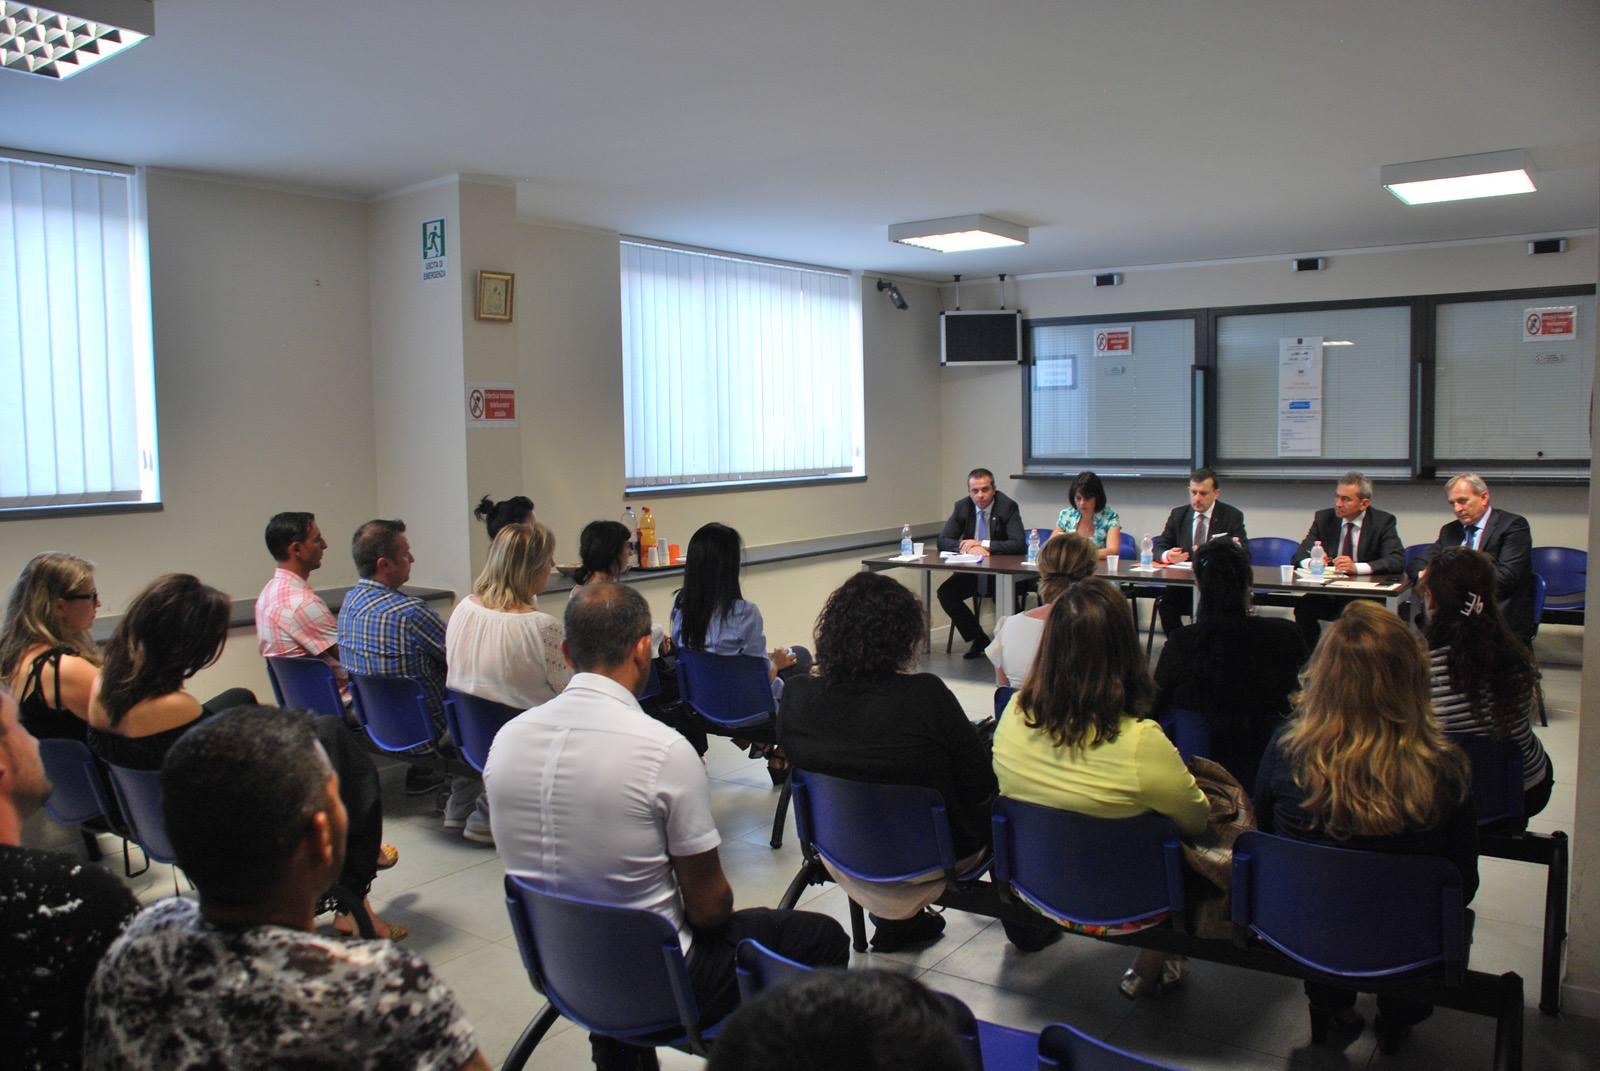 Întâlnirea cu membrii comunității românești, la Consulatul de la Catania